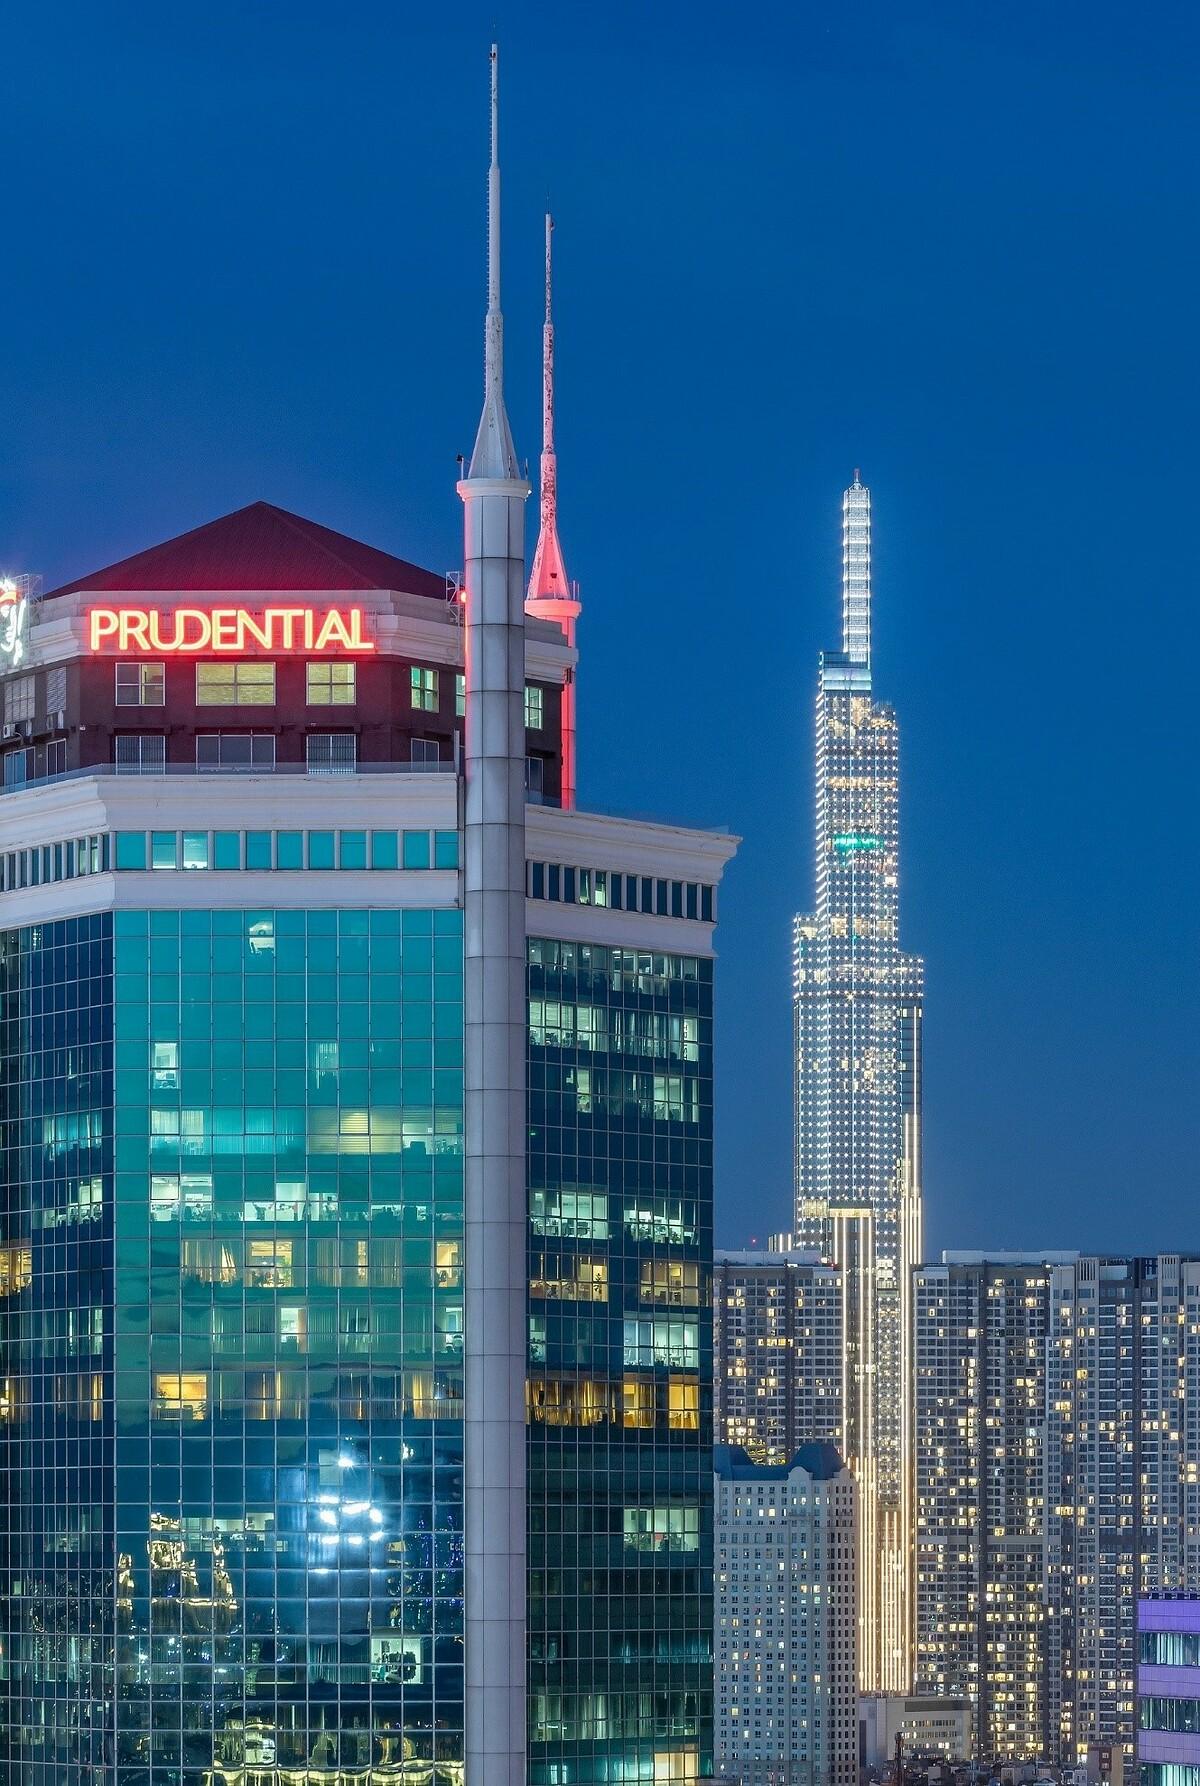 Prudential Việt Nam là thành viên thuộc Prudential plc, tập đoàn quản lý tài sản toàn cầu hoạt động tập trung tại châu Á. Ảnh: Prudential.